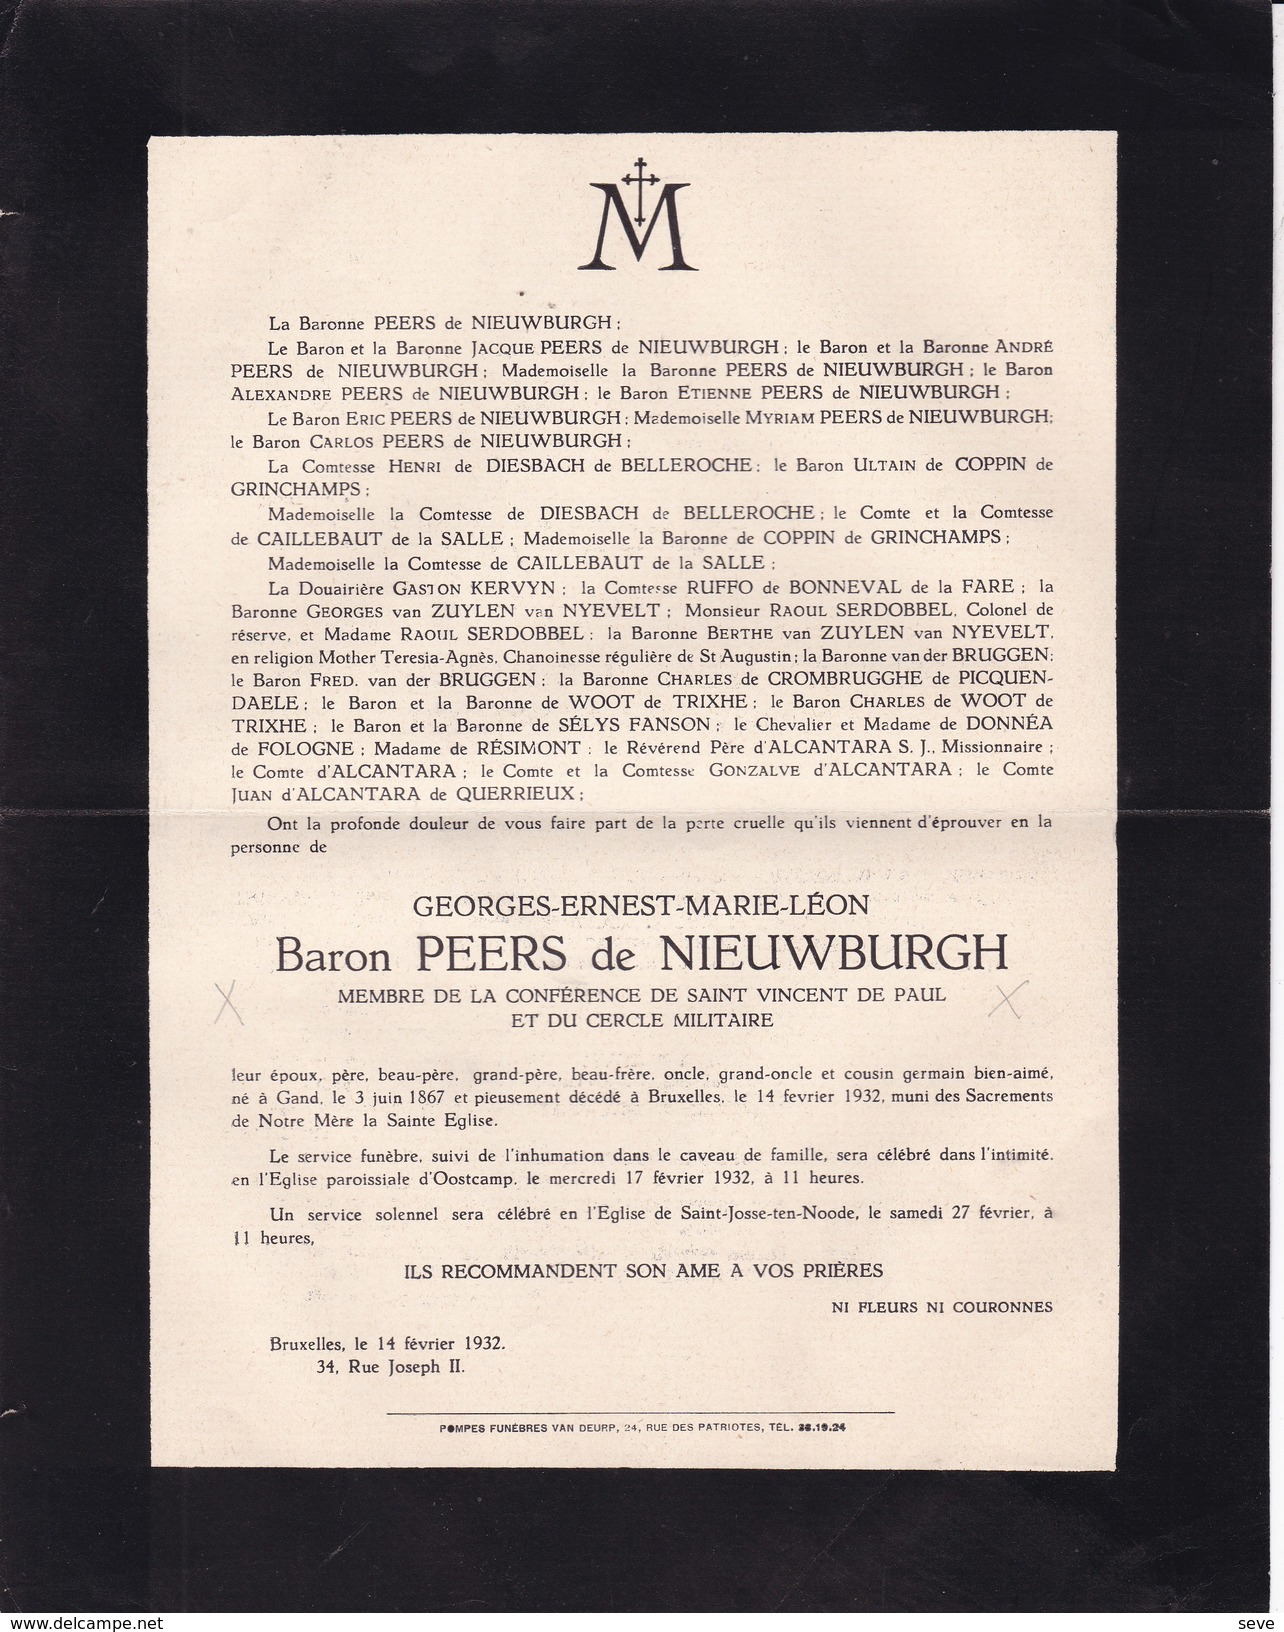 OOSTKAMP Georges Baron PEERS De NIEUWBURGH Gand 1867 Bruxelles 1932 - Overlijden